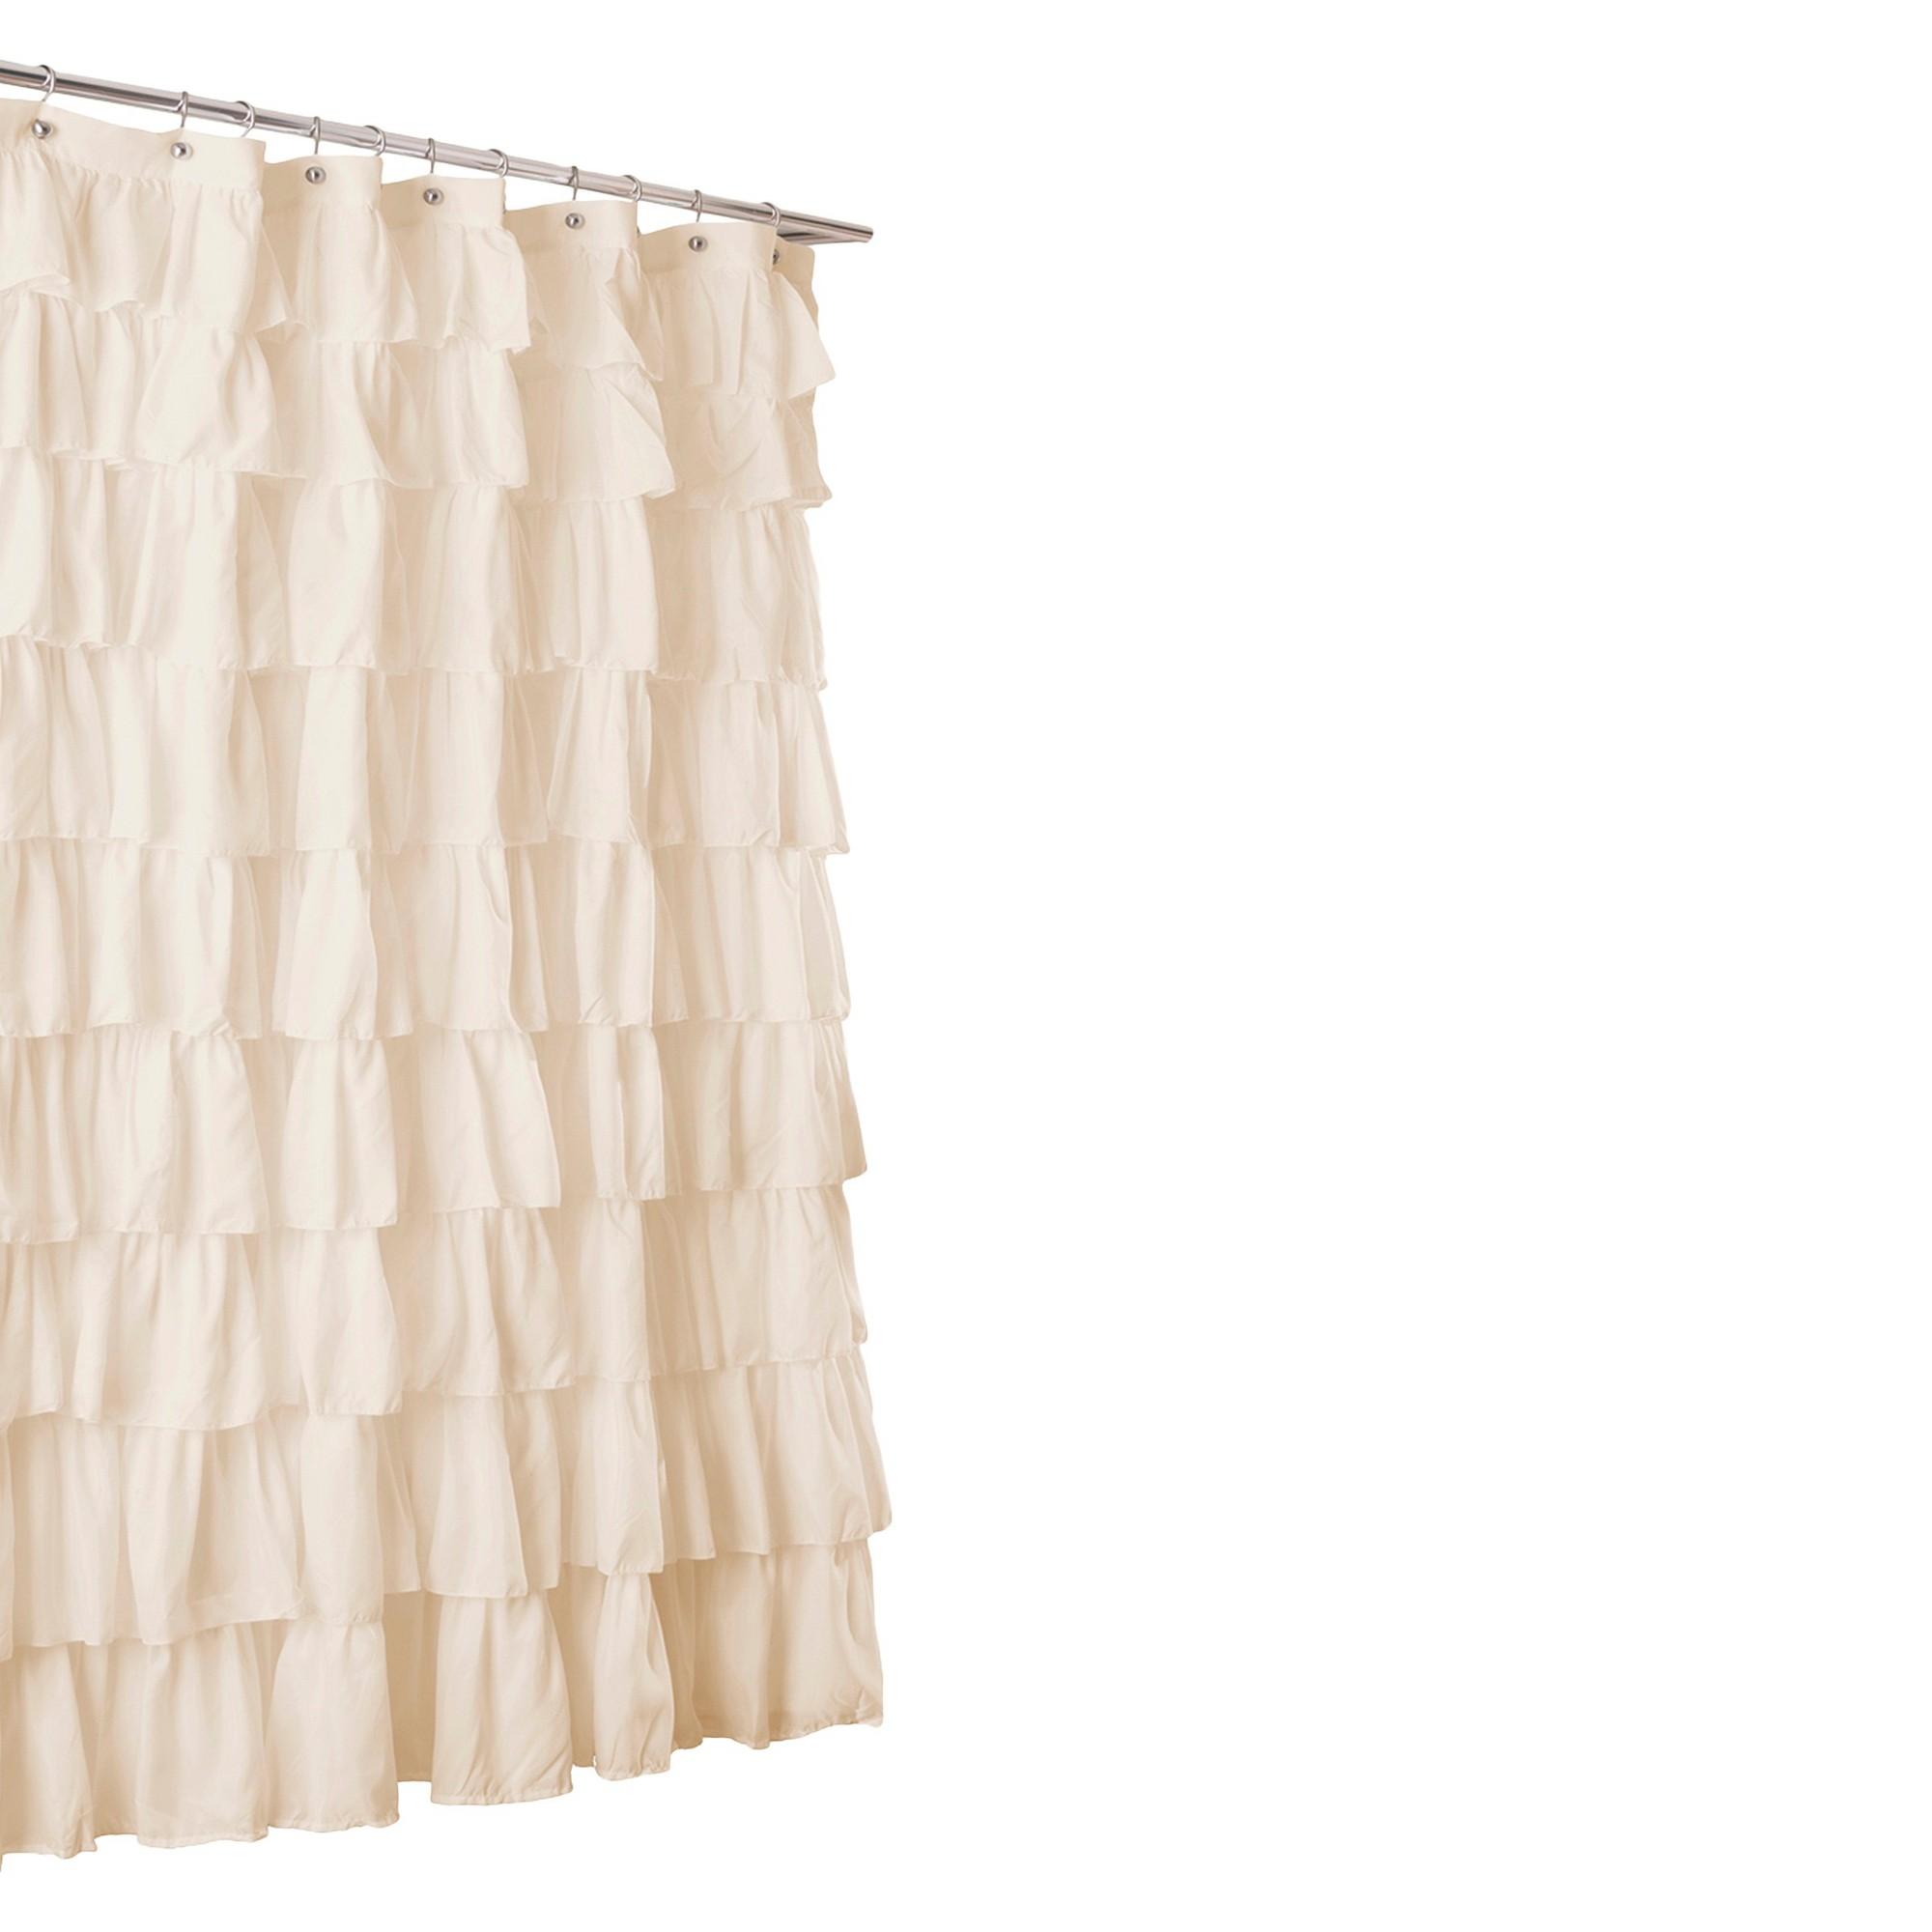 Lush Decor Large Ruffle Shower Curtain Ivory